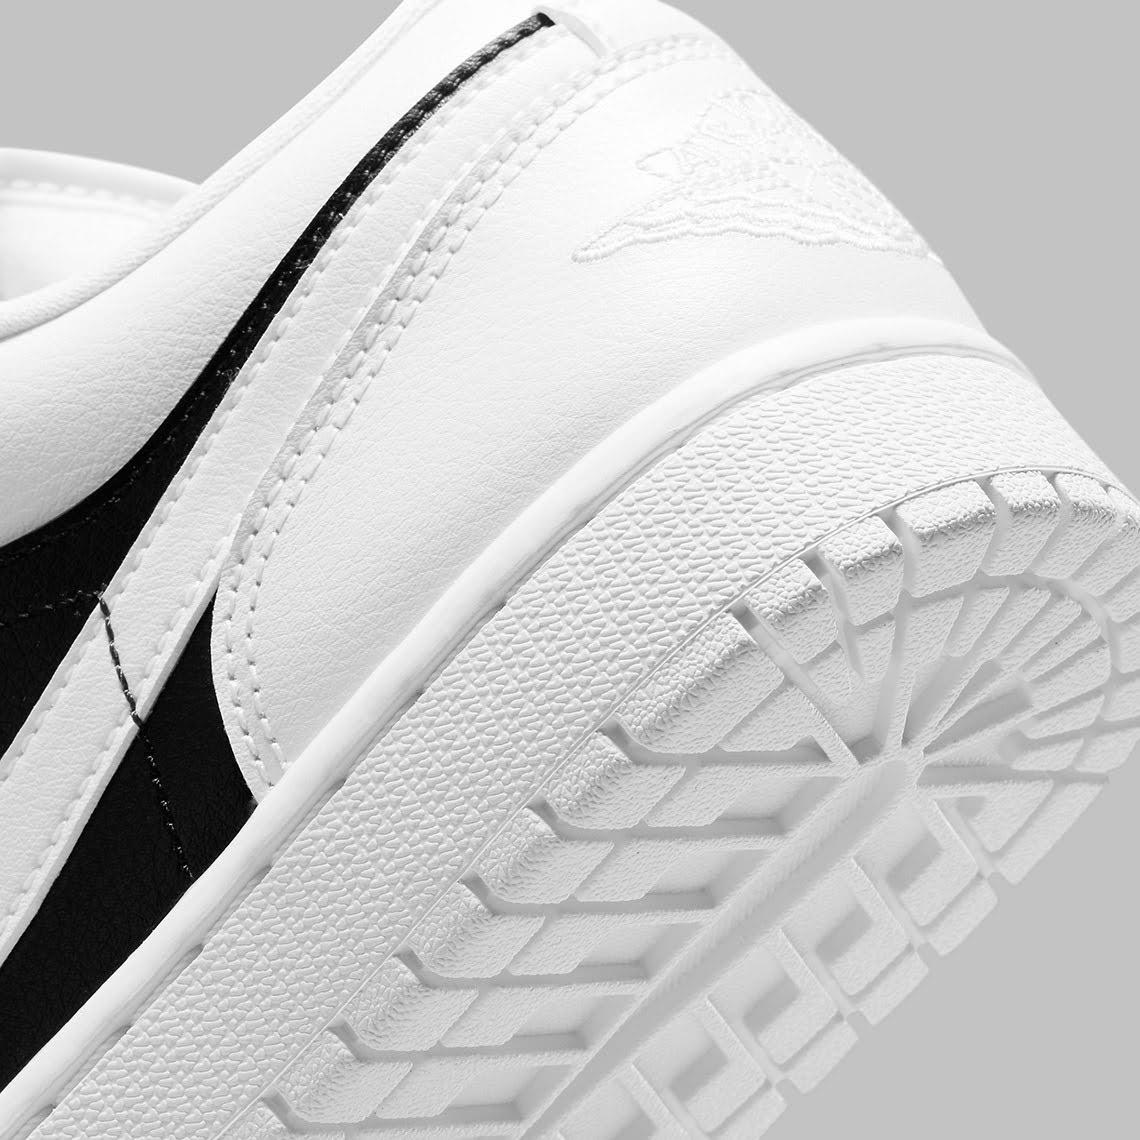 """ナイキ ウィメンズ エア ジョーダン 1 ロー """"パンダ"""" nike-air-jordan-1-low-wmns-white-black-DC0774-100-side-heel-closeup"""